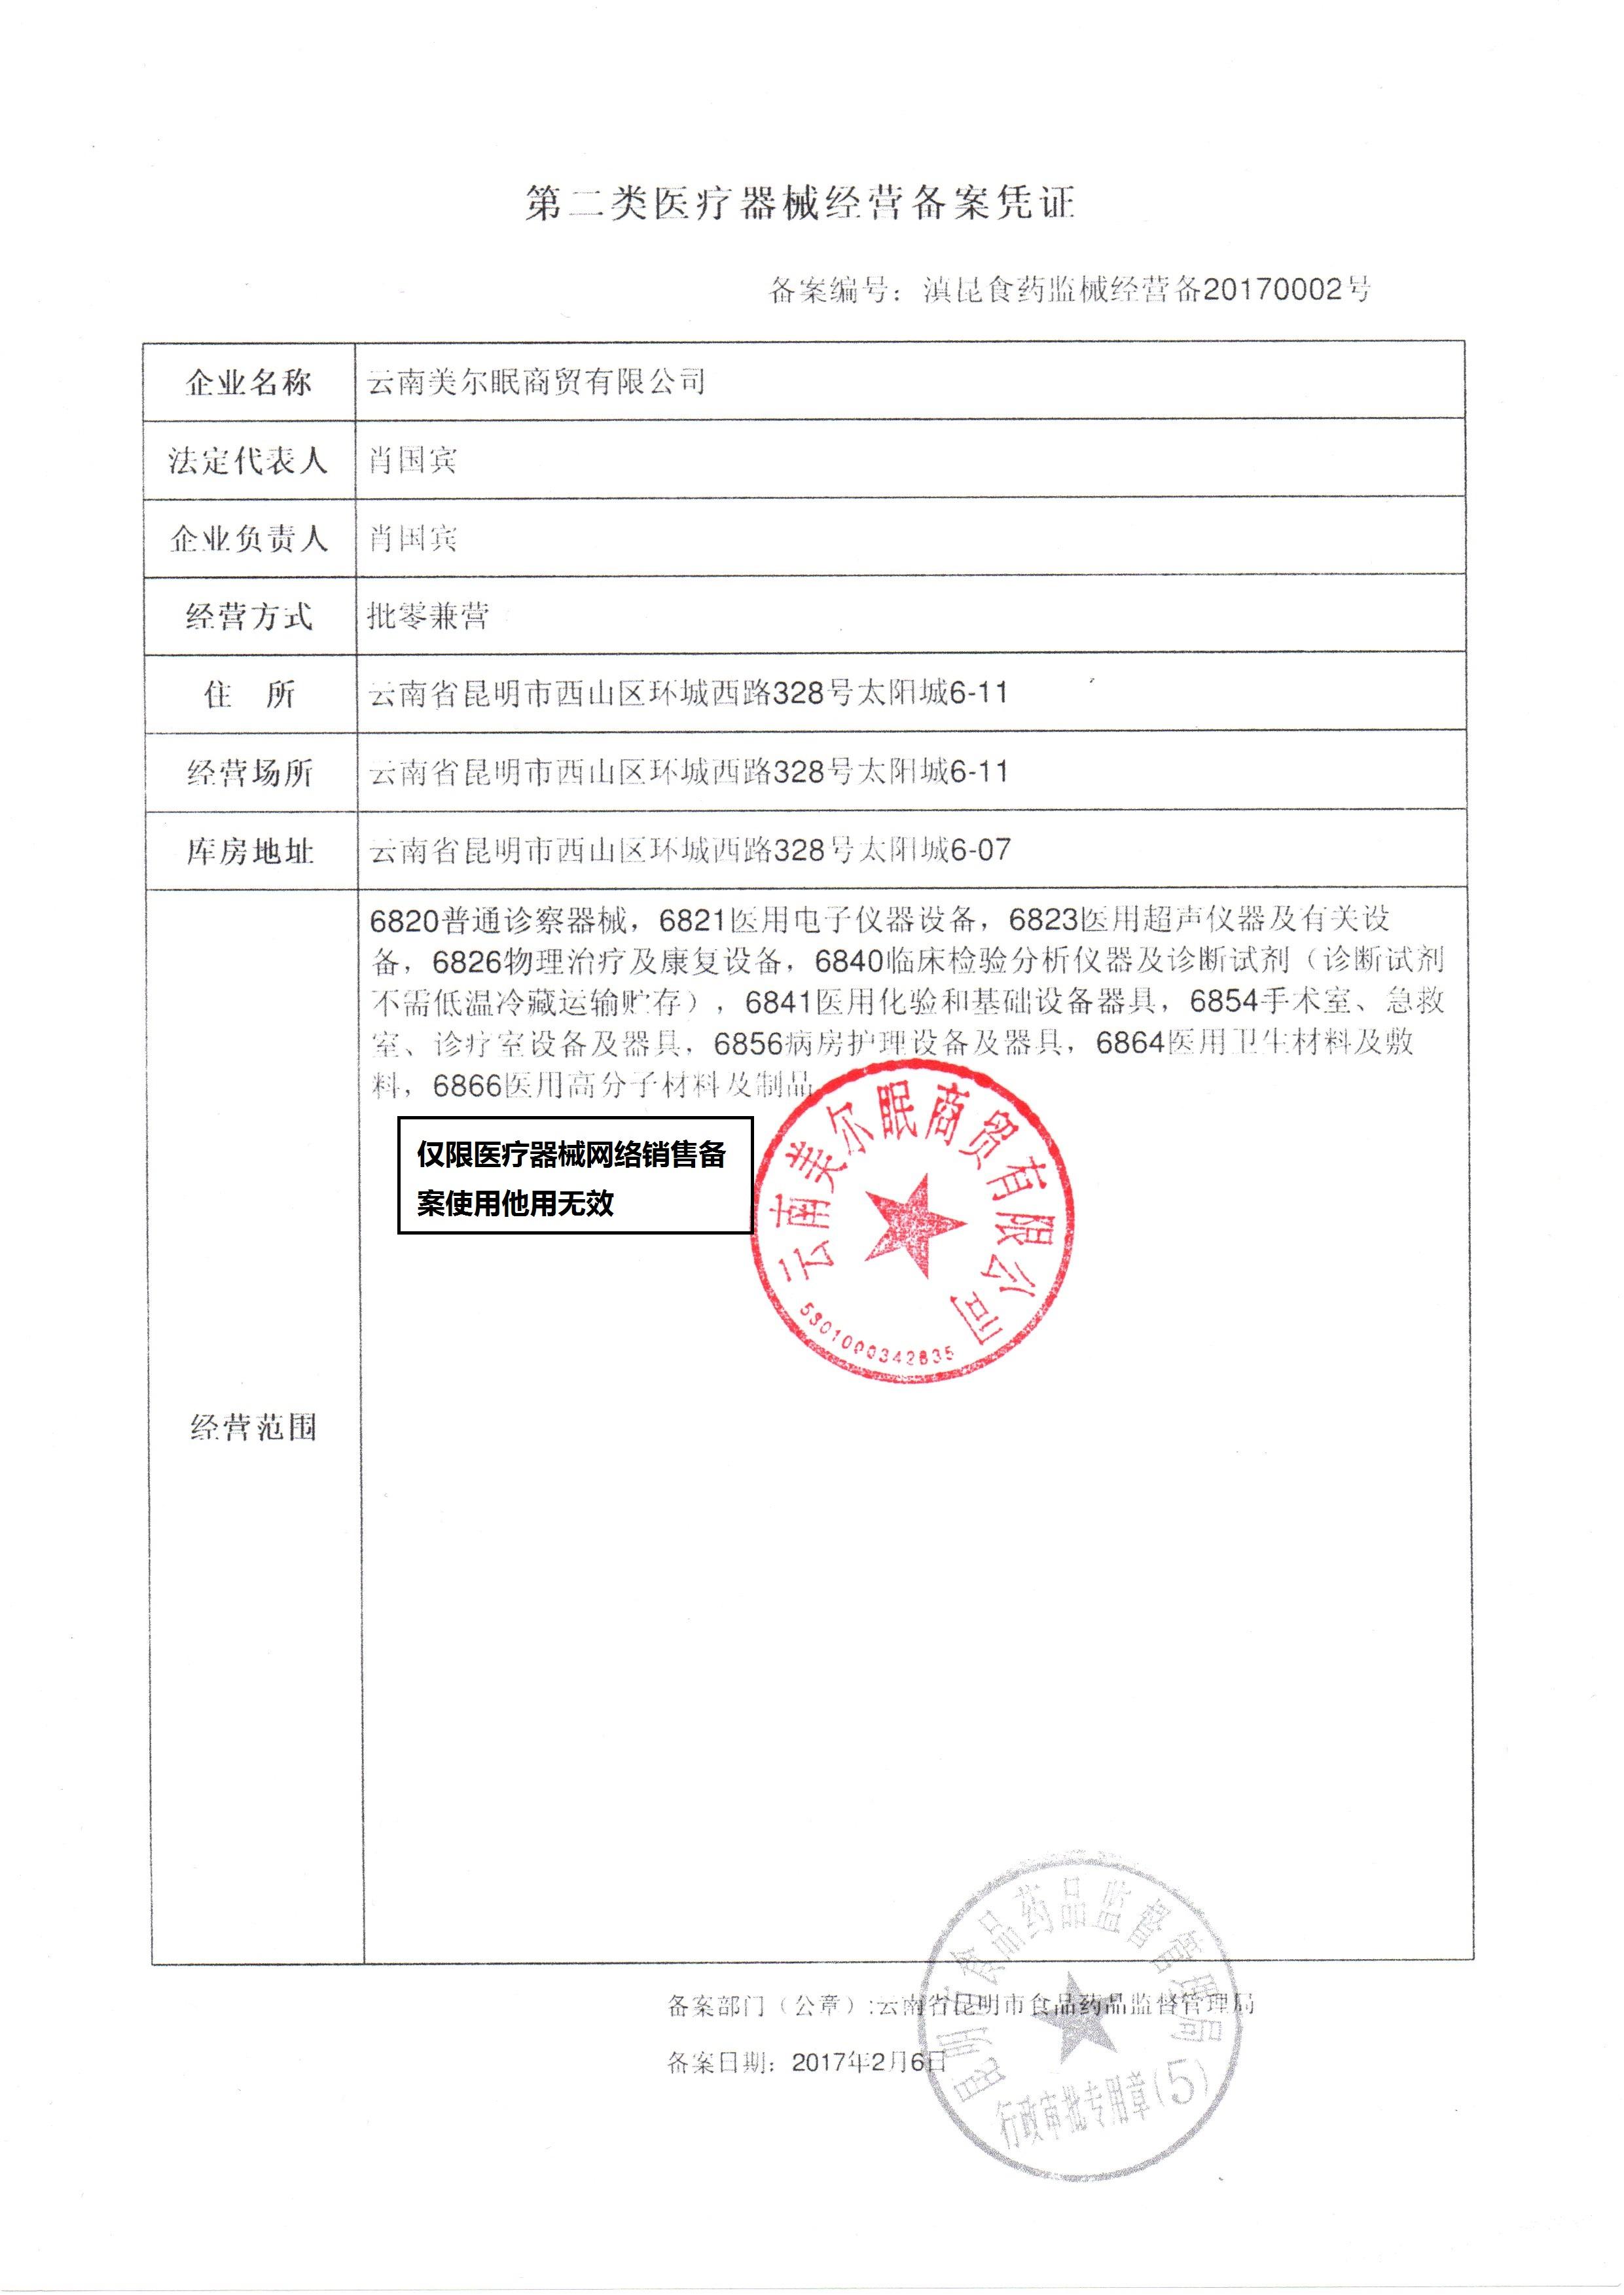 MEM美尔眠公司二类备案凭证20201205_13281997.jpg